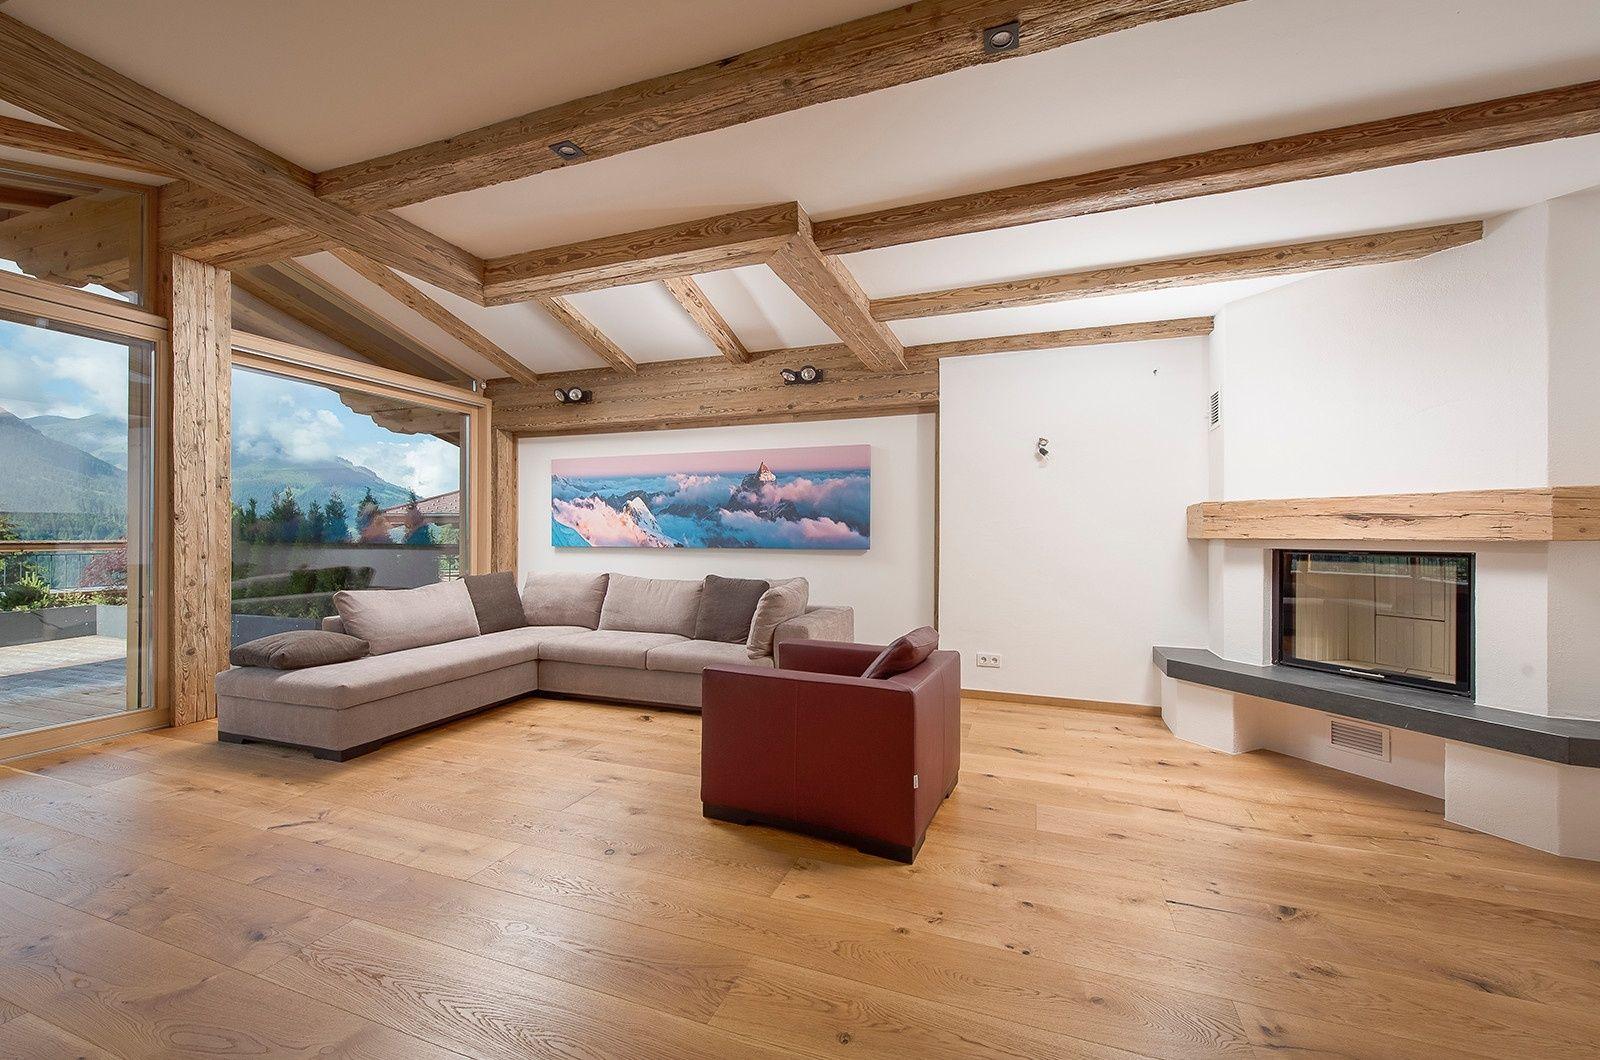 Die sonne luxuri ses wohnzimmer mit hochwertigen for Wohnzimmer mit holzdecke einrichten